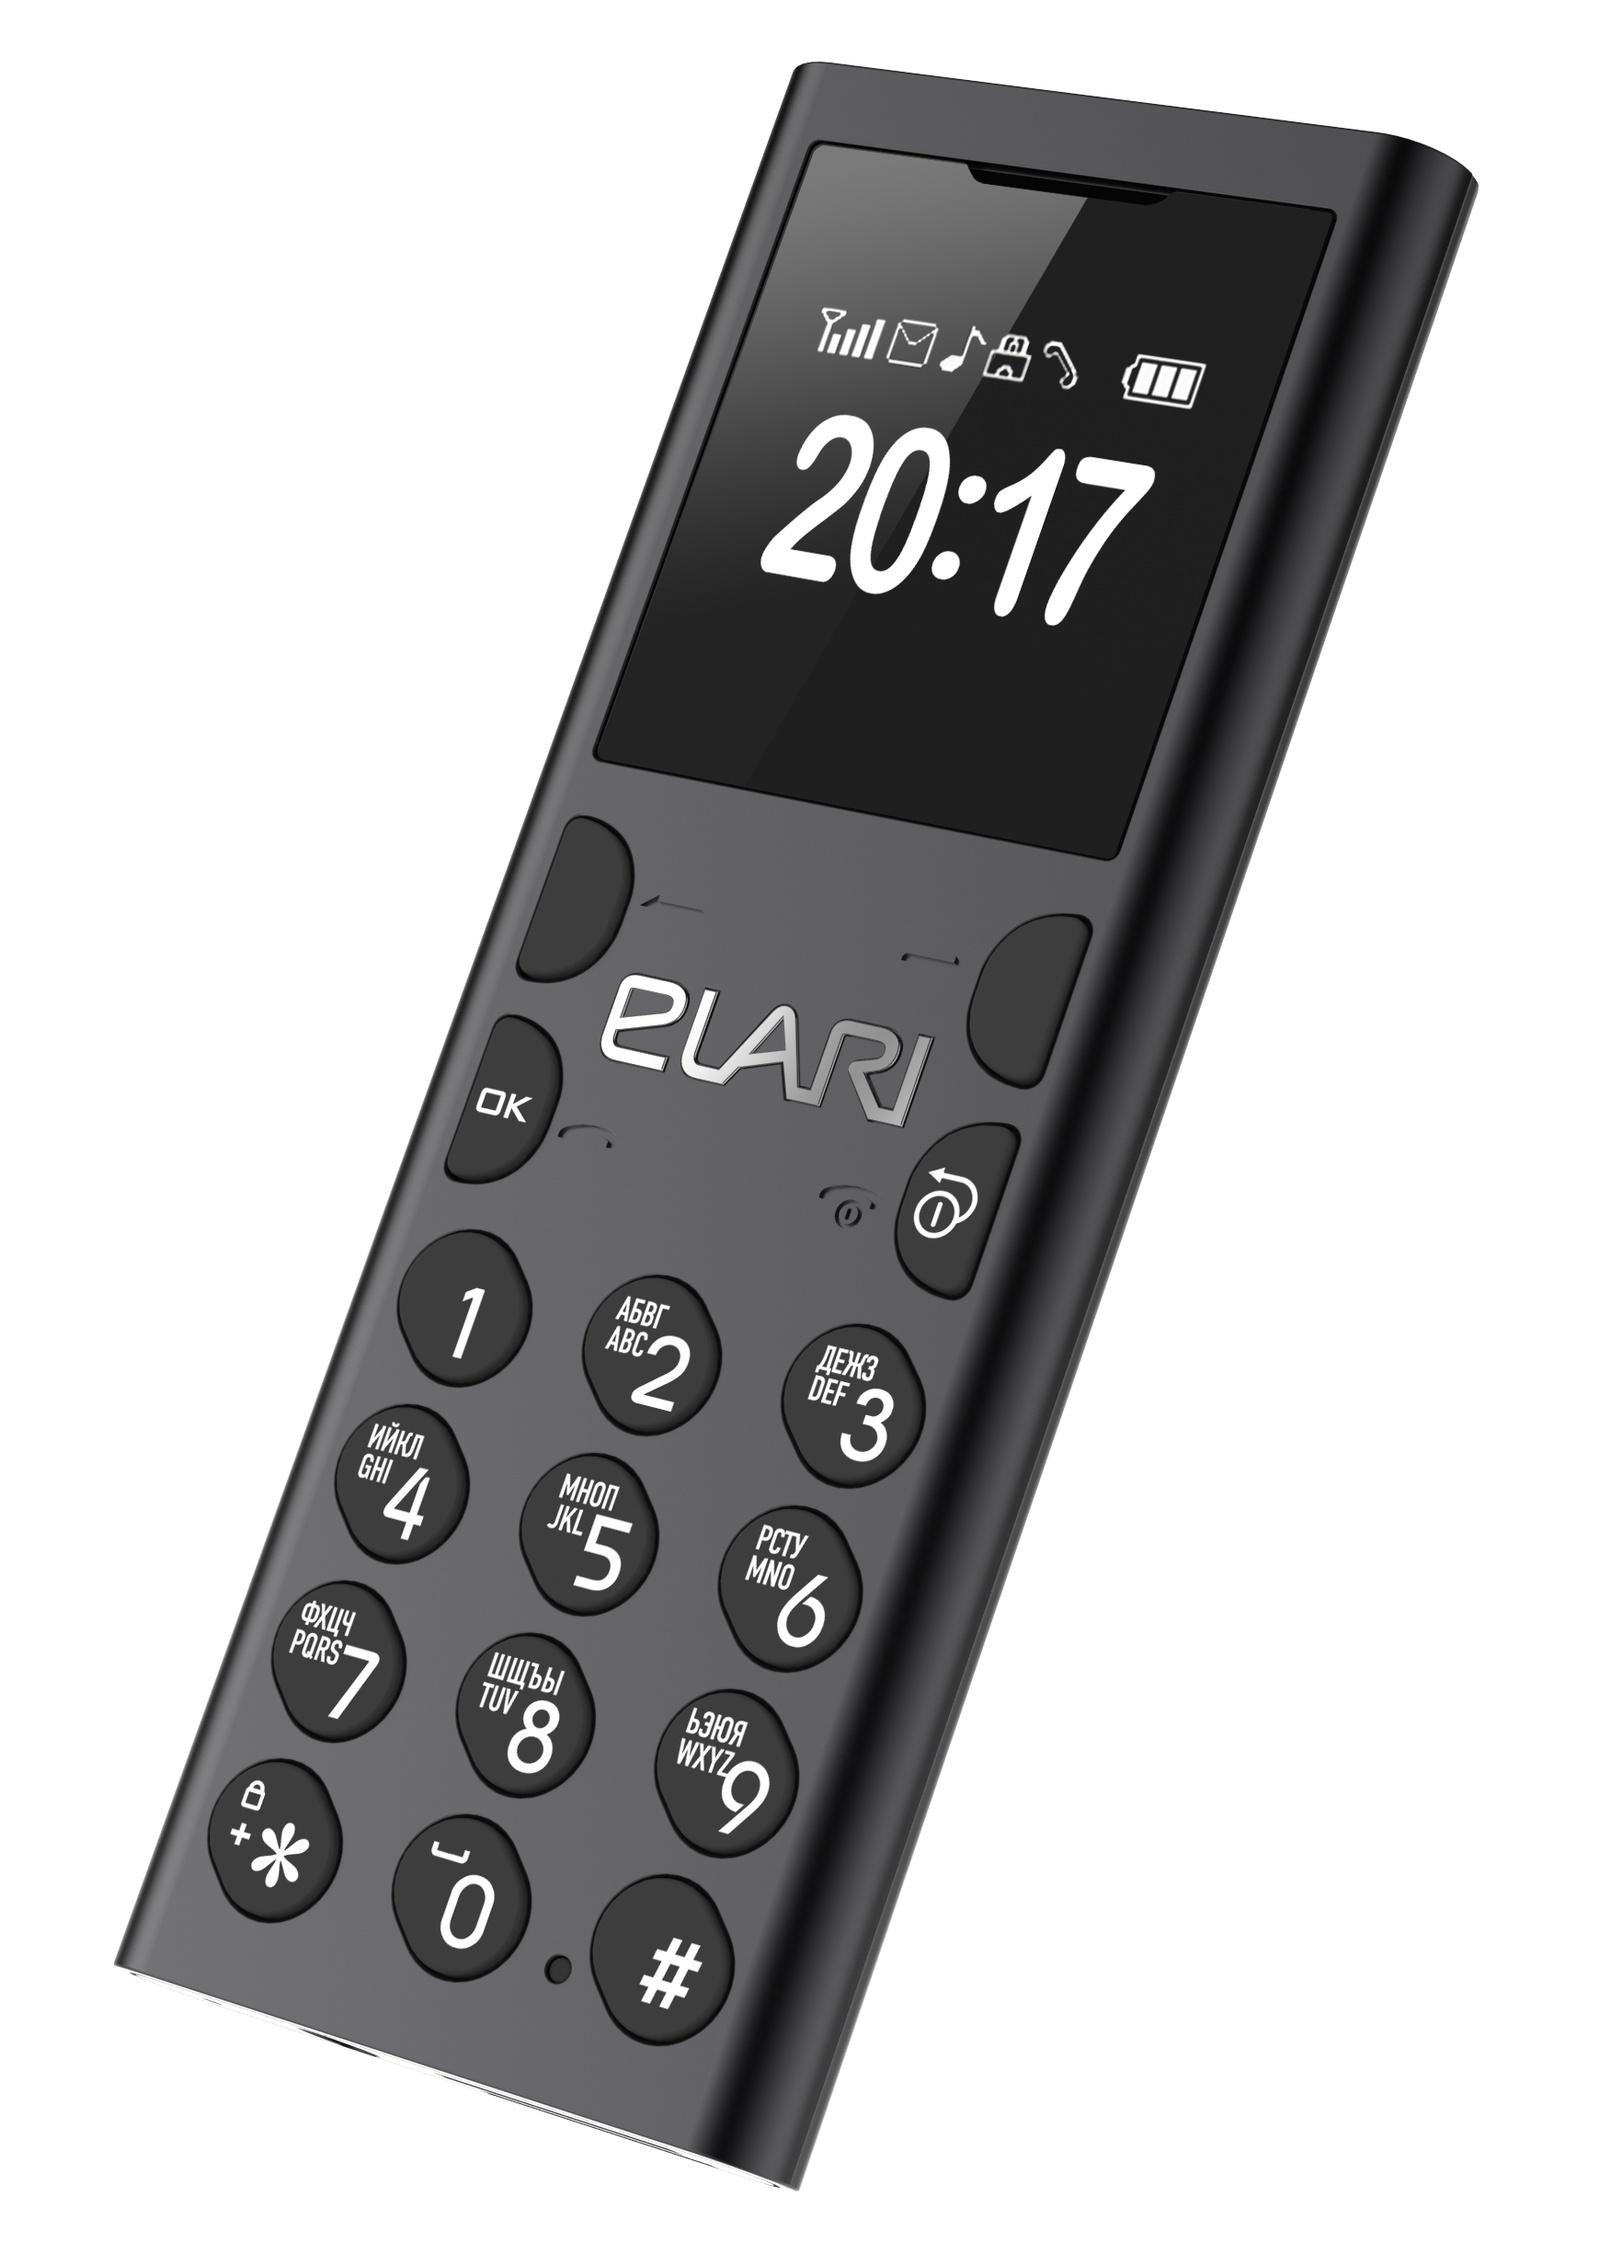 Мобильный телефон/Bluetooth-гарнитура Elari NanoPhone C, чёрный антрацит Elari